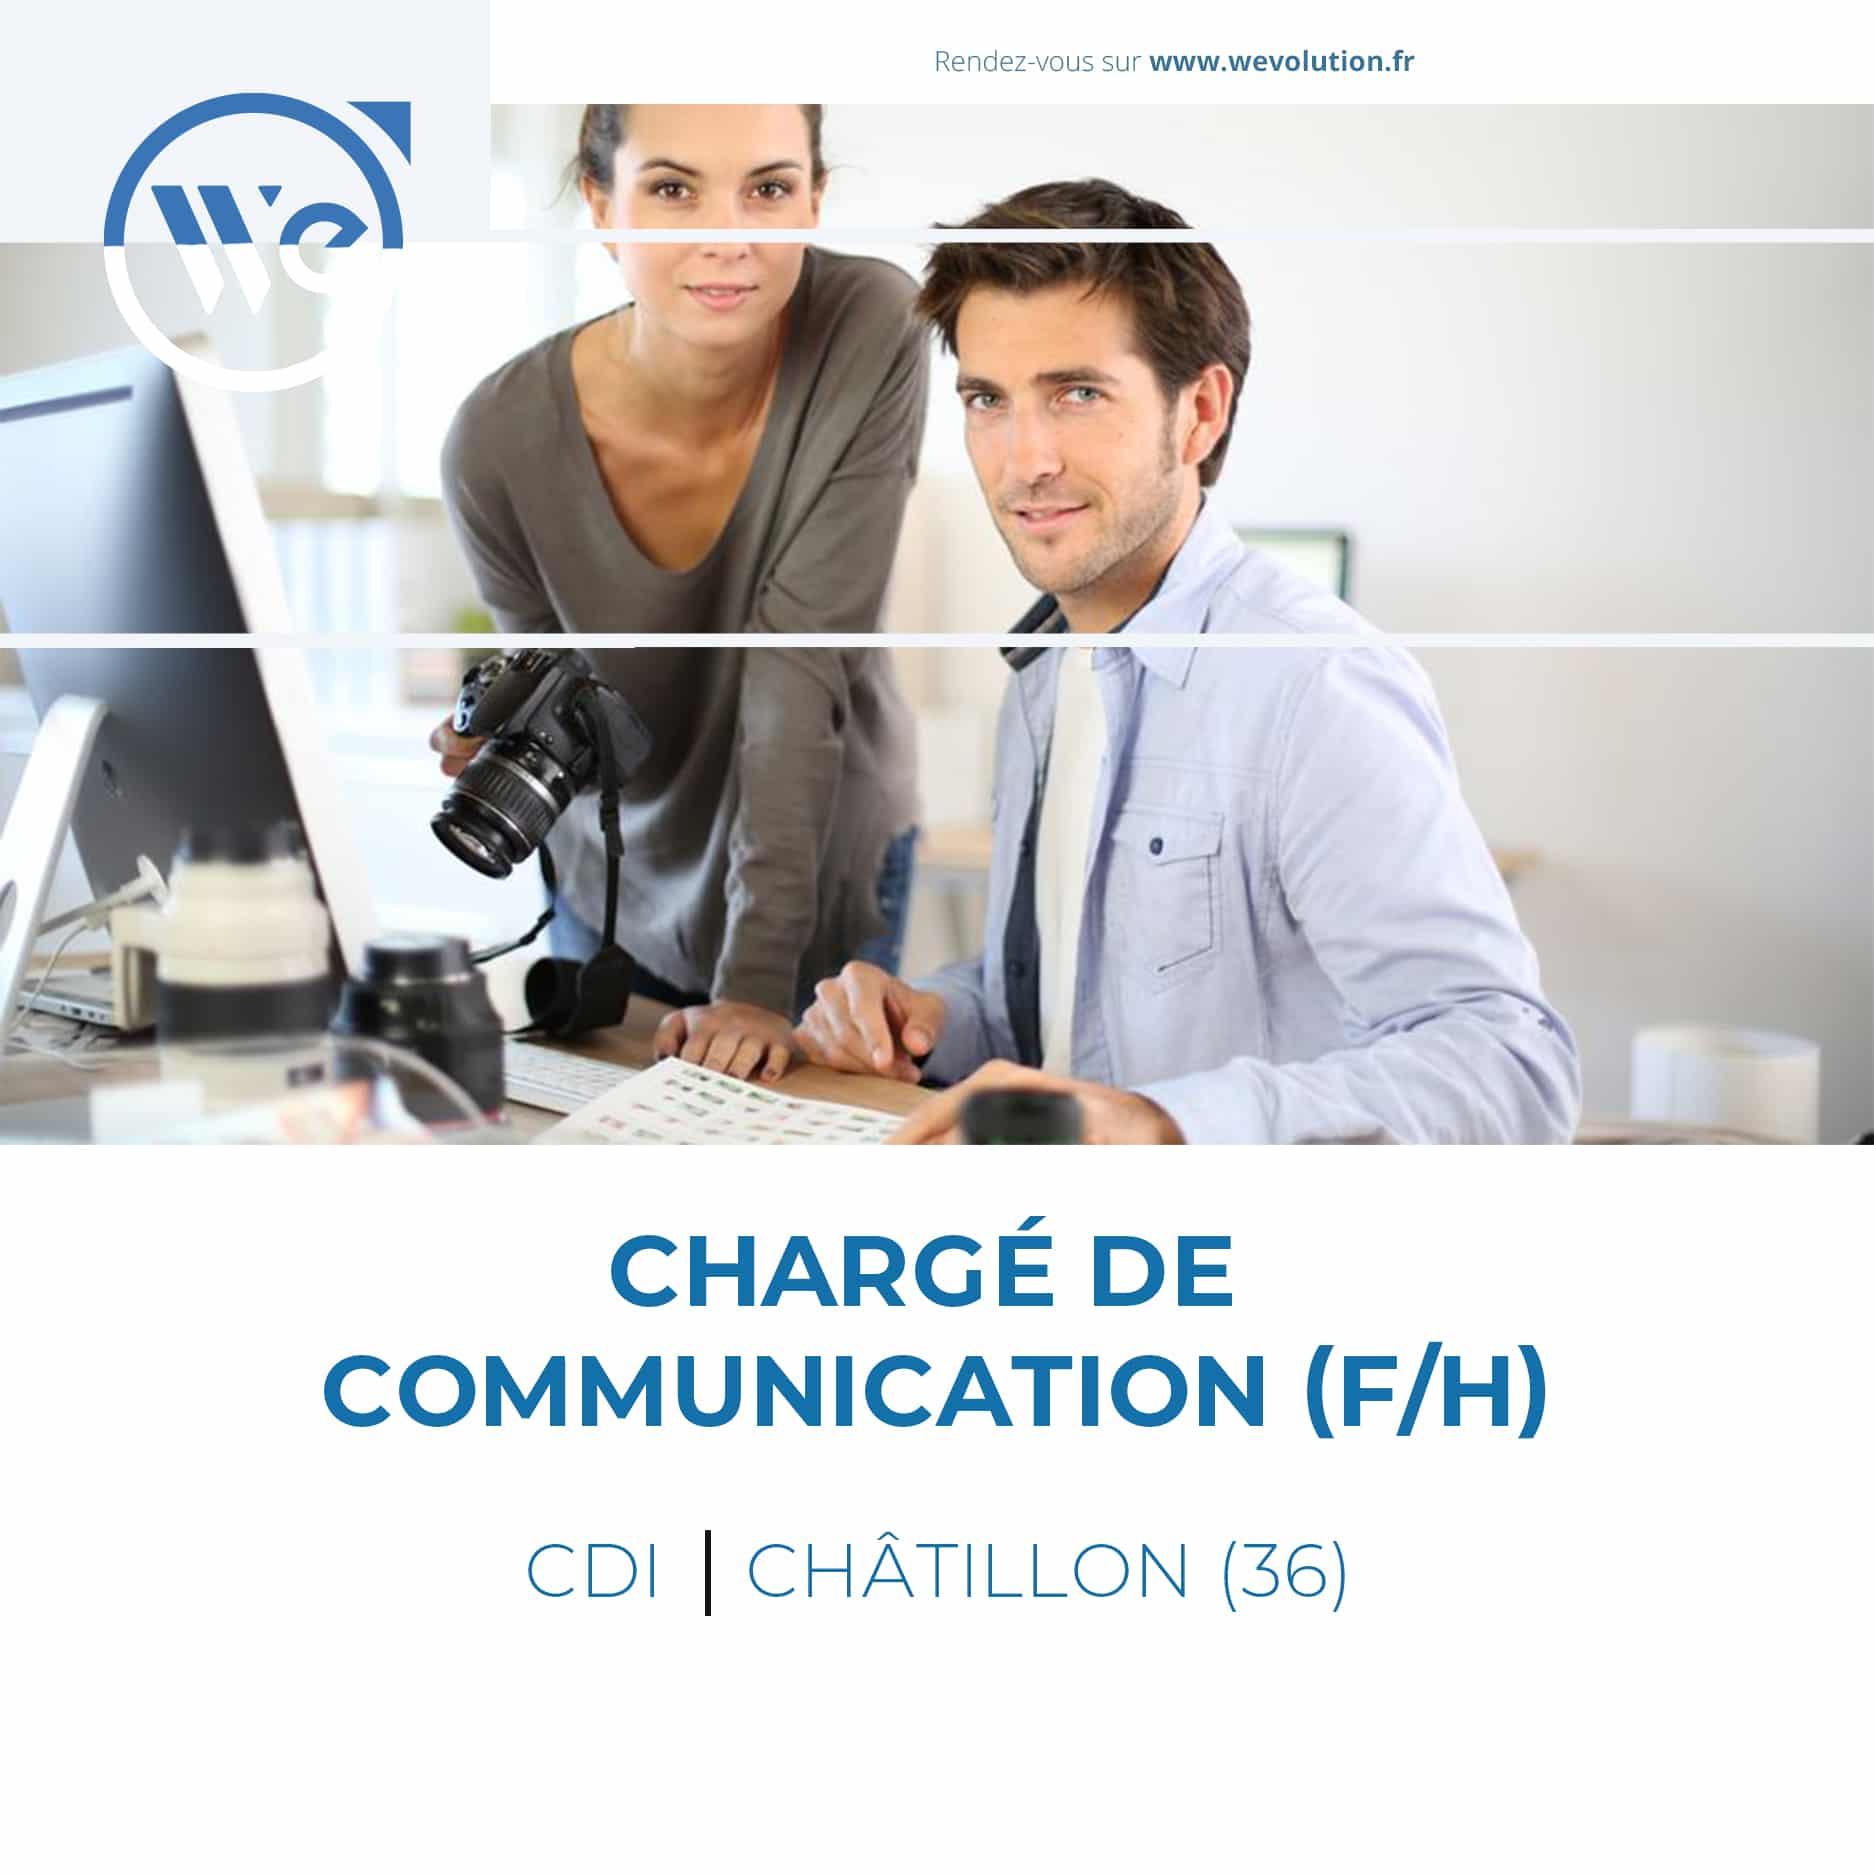 CHARGE DE COMMUNICATION (F/H) – ENTREPRISE ANONYME